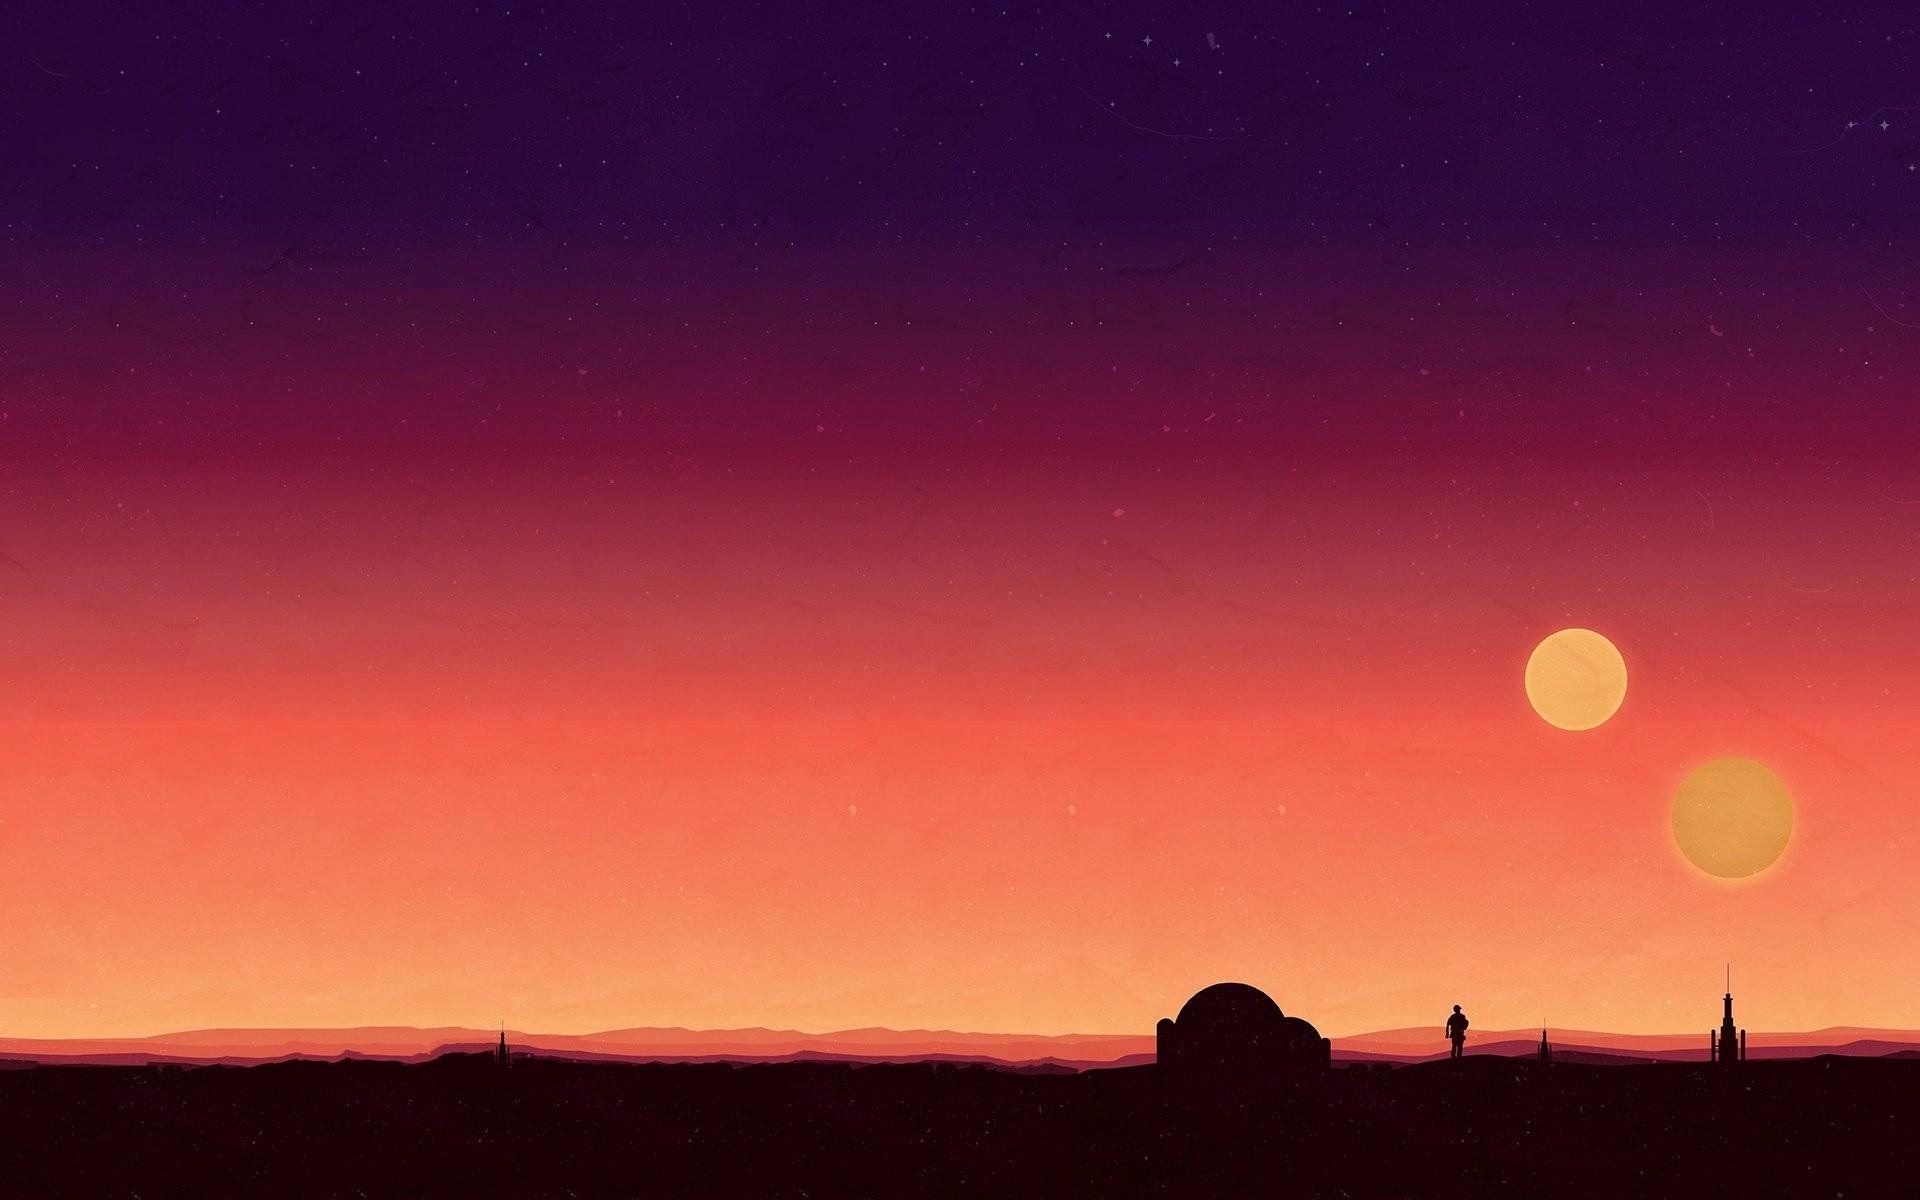 198 Star Wars Landscape